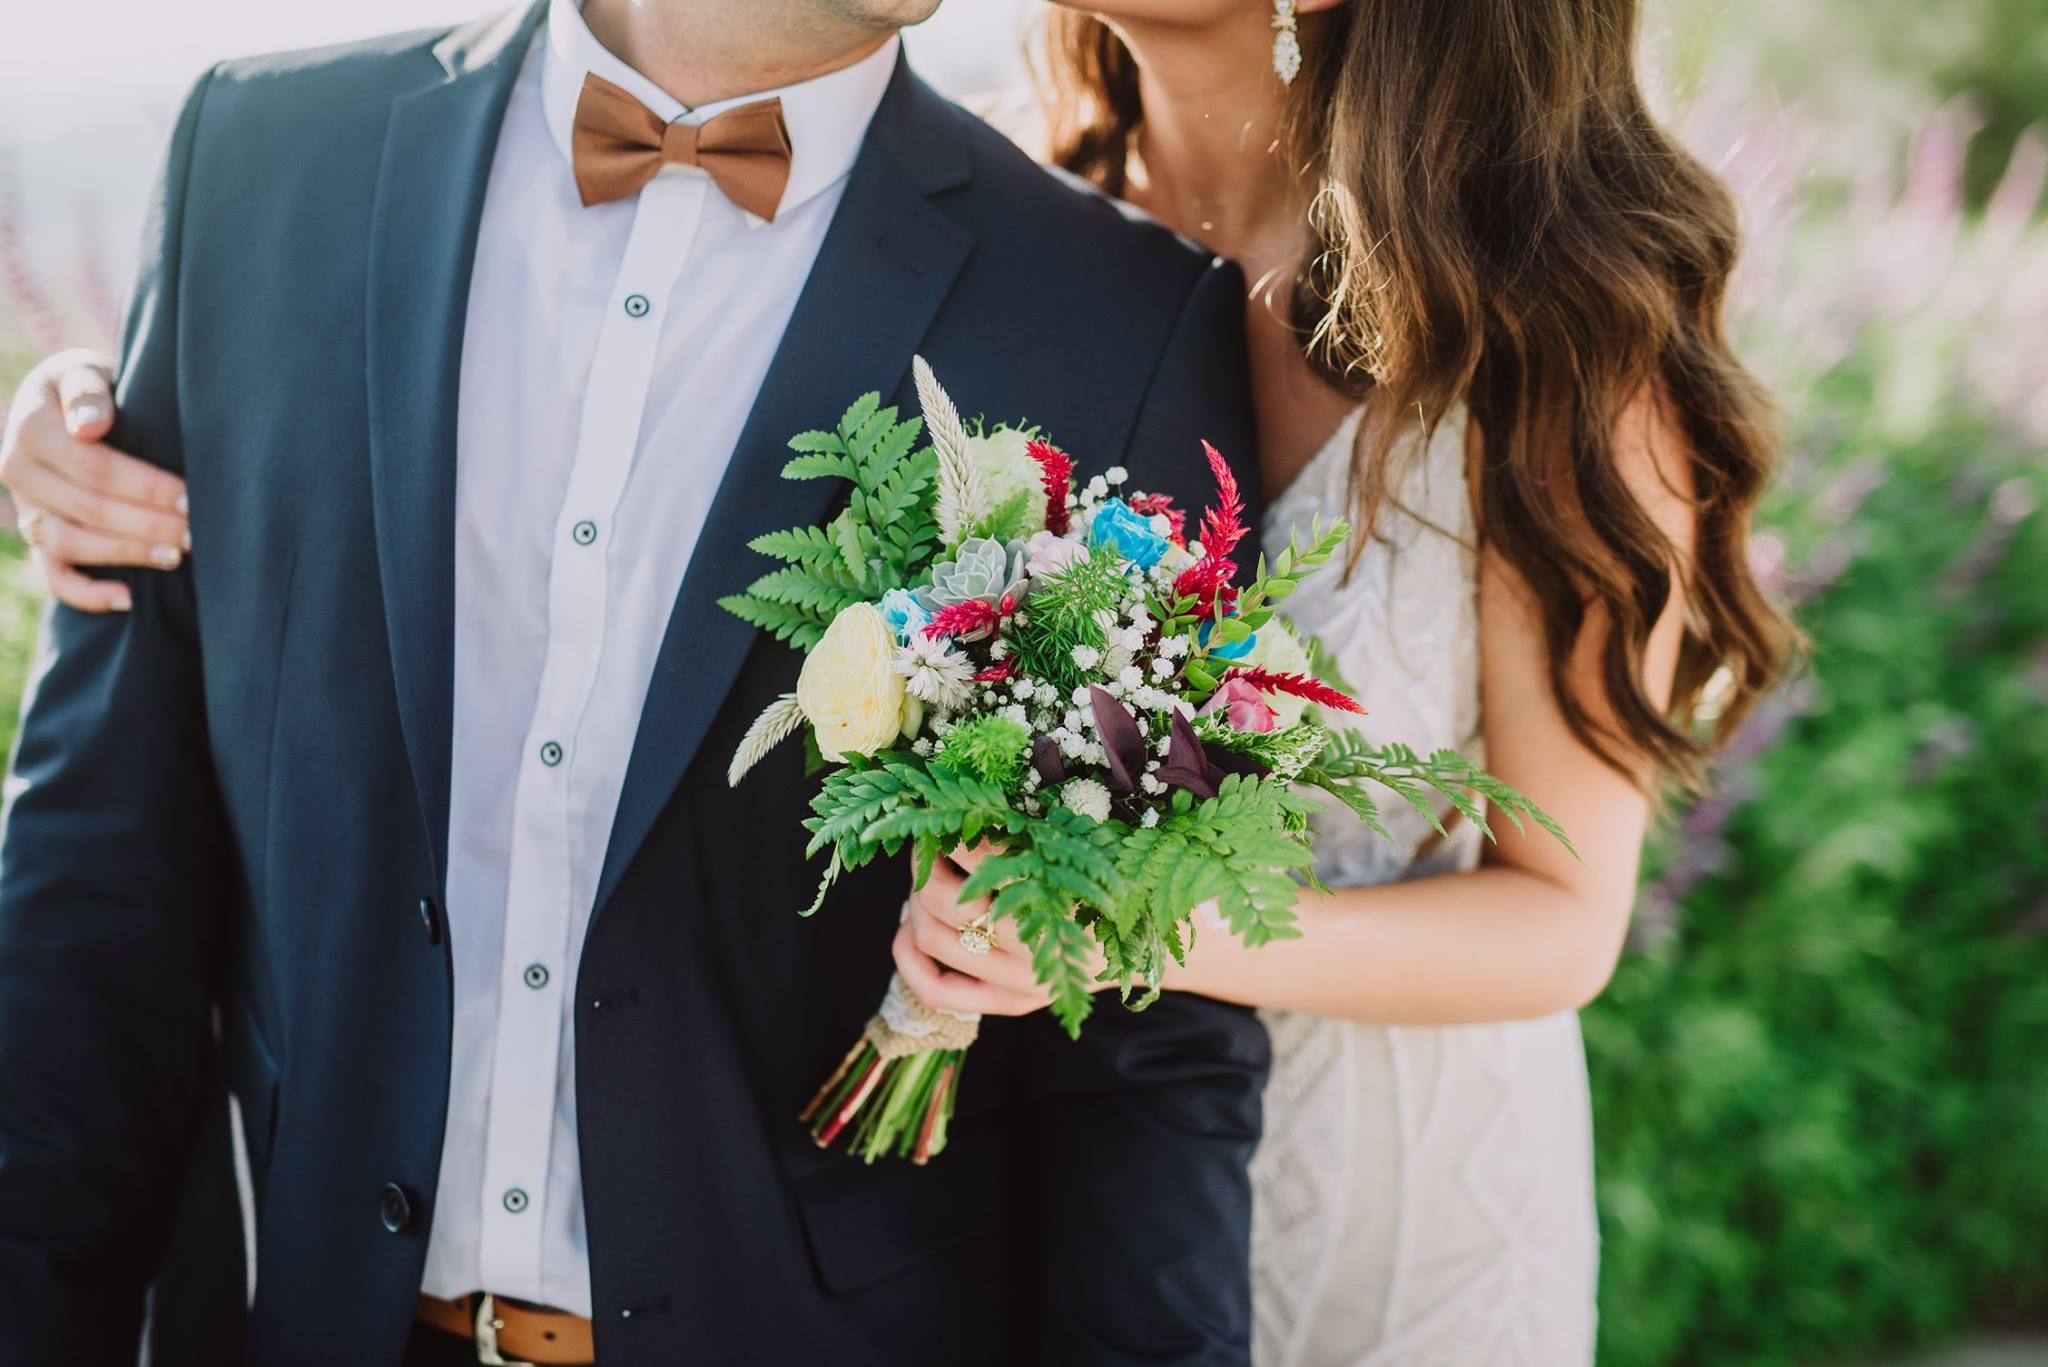 שיק או שוק: כל הטרנדים הרותחים בעיצוב חתונות 2018